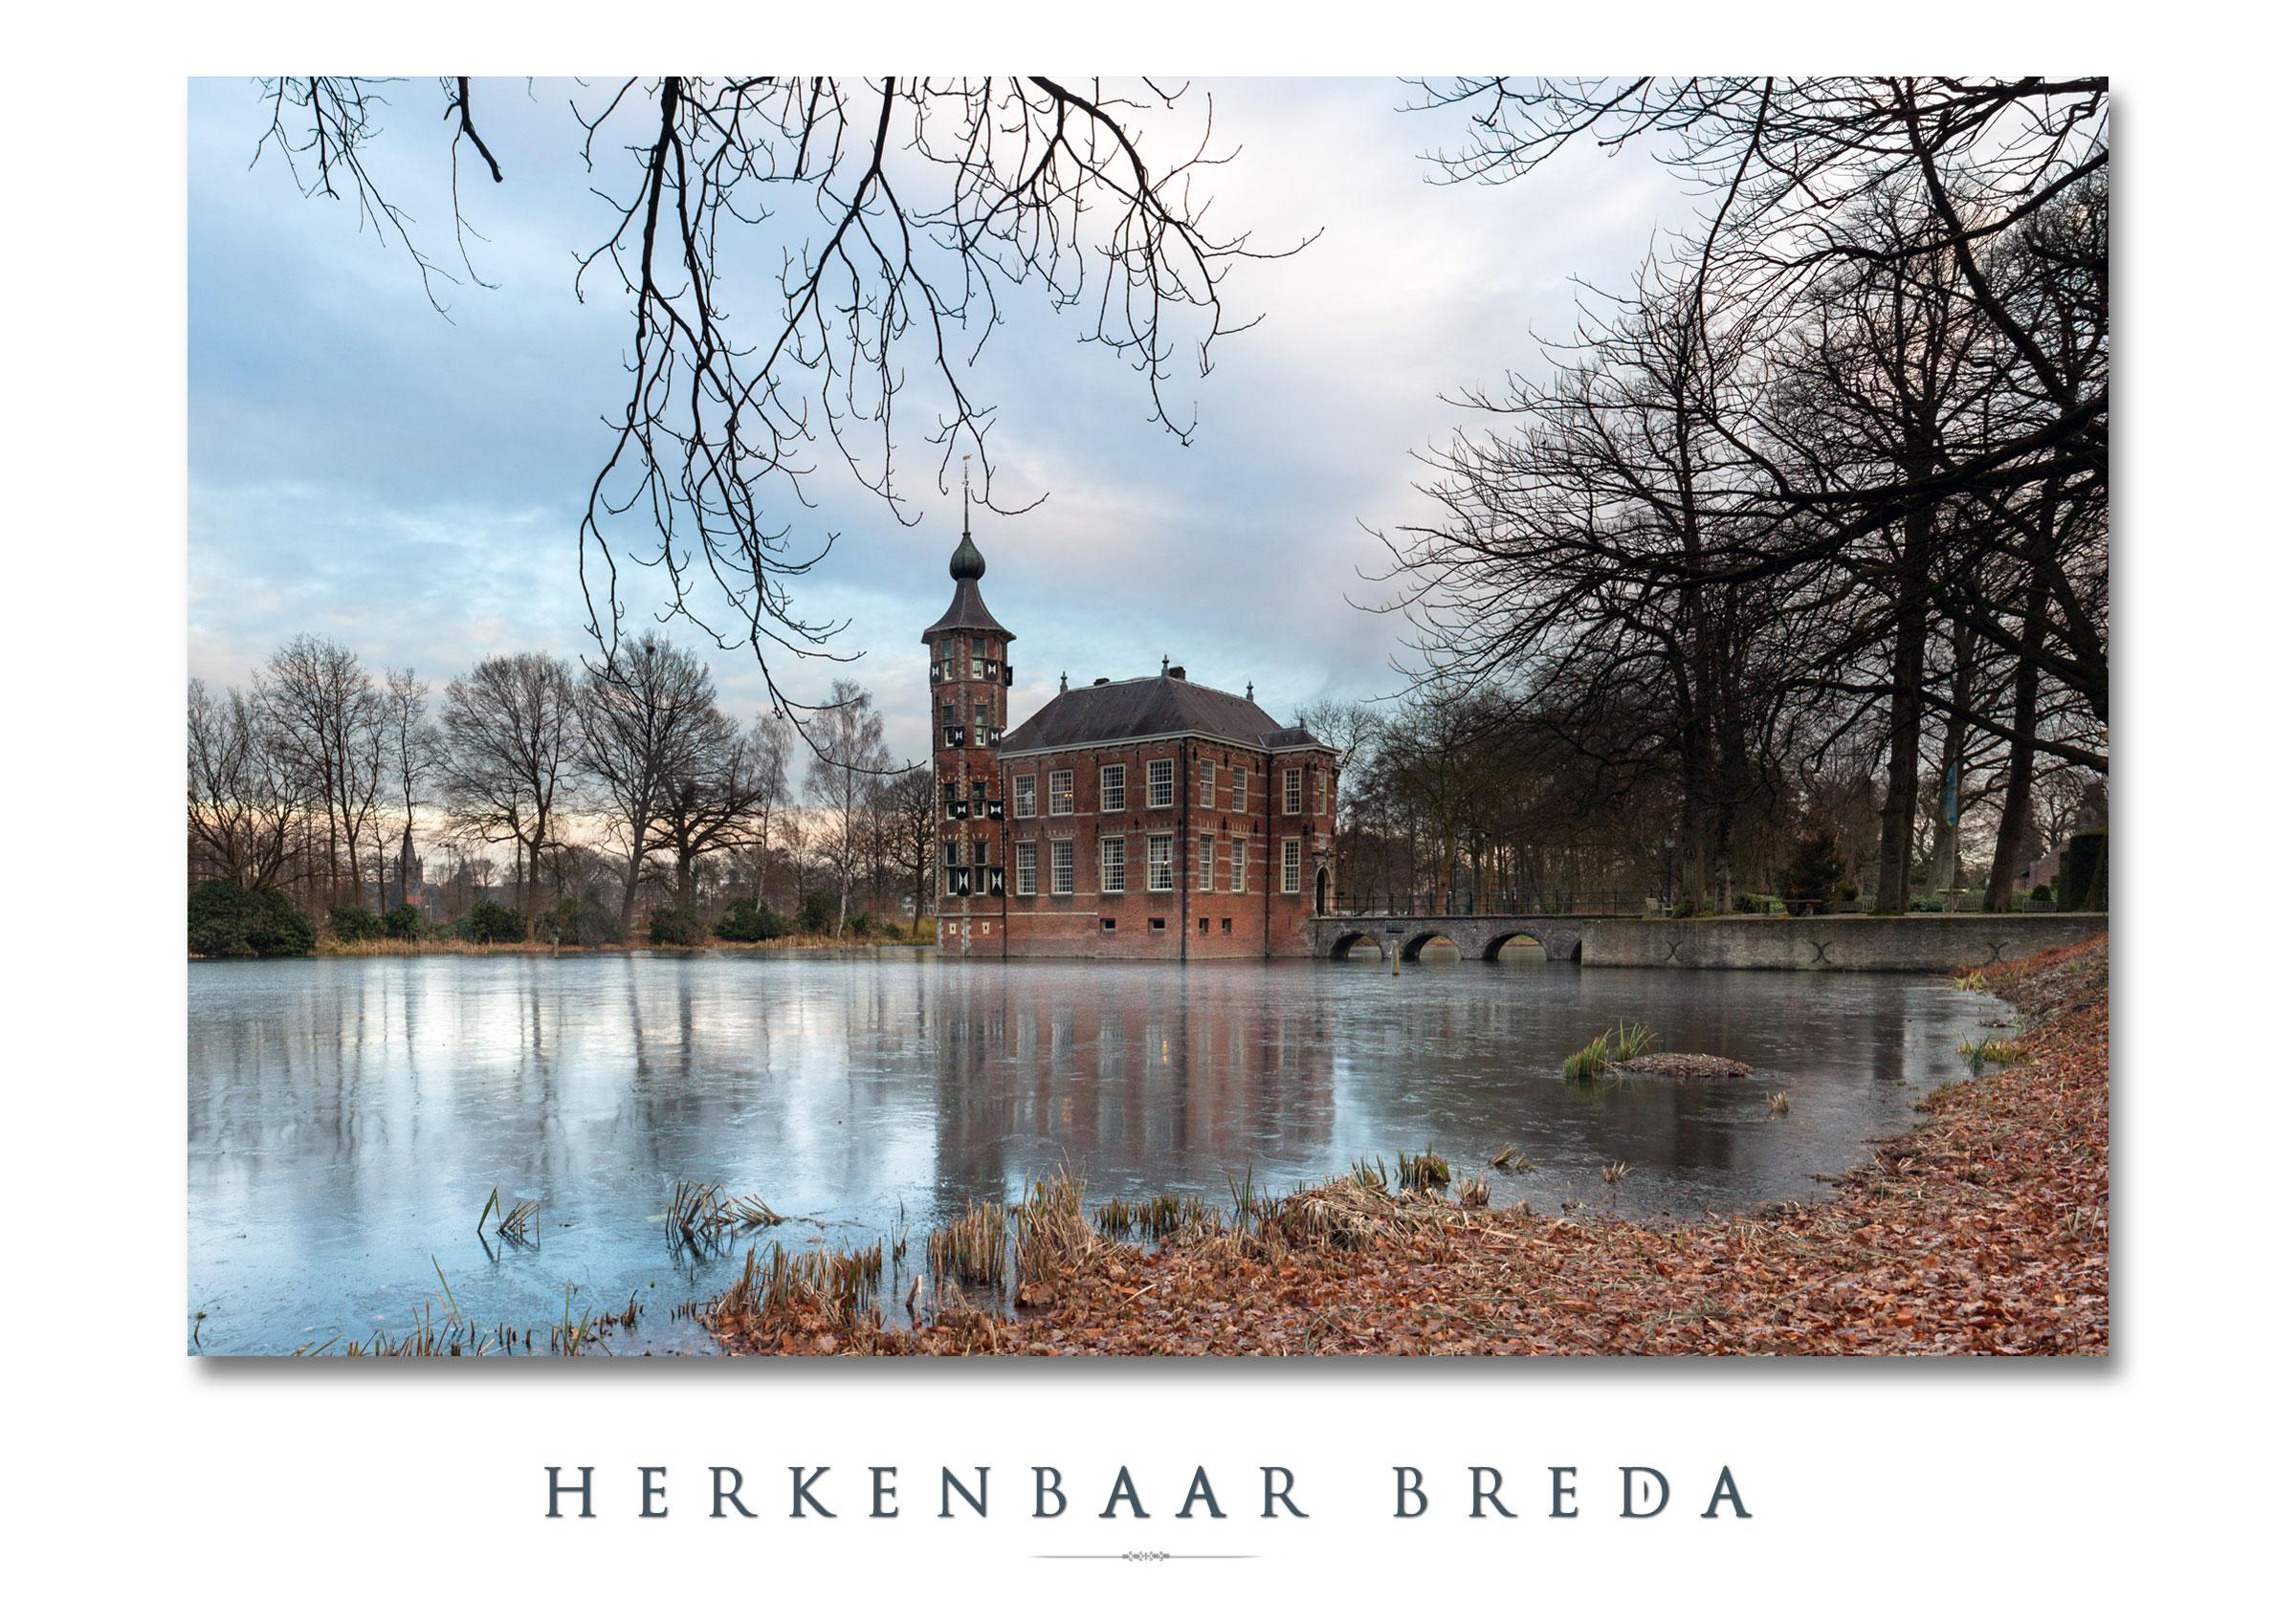 Herkenbaar Breda - Bouvigne in Winter